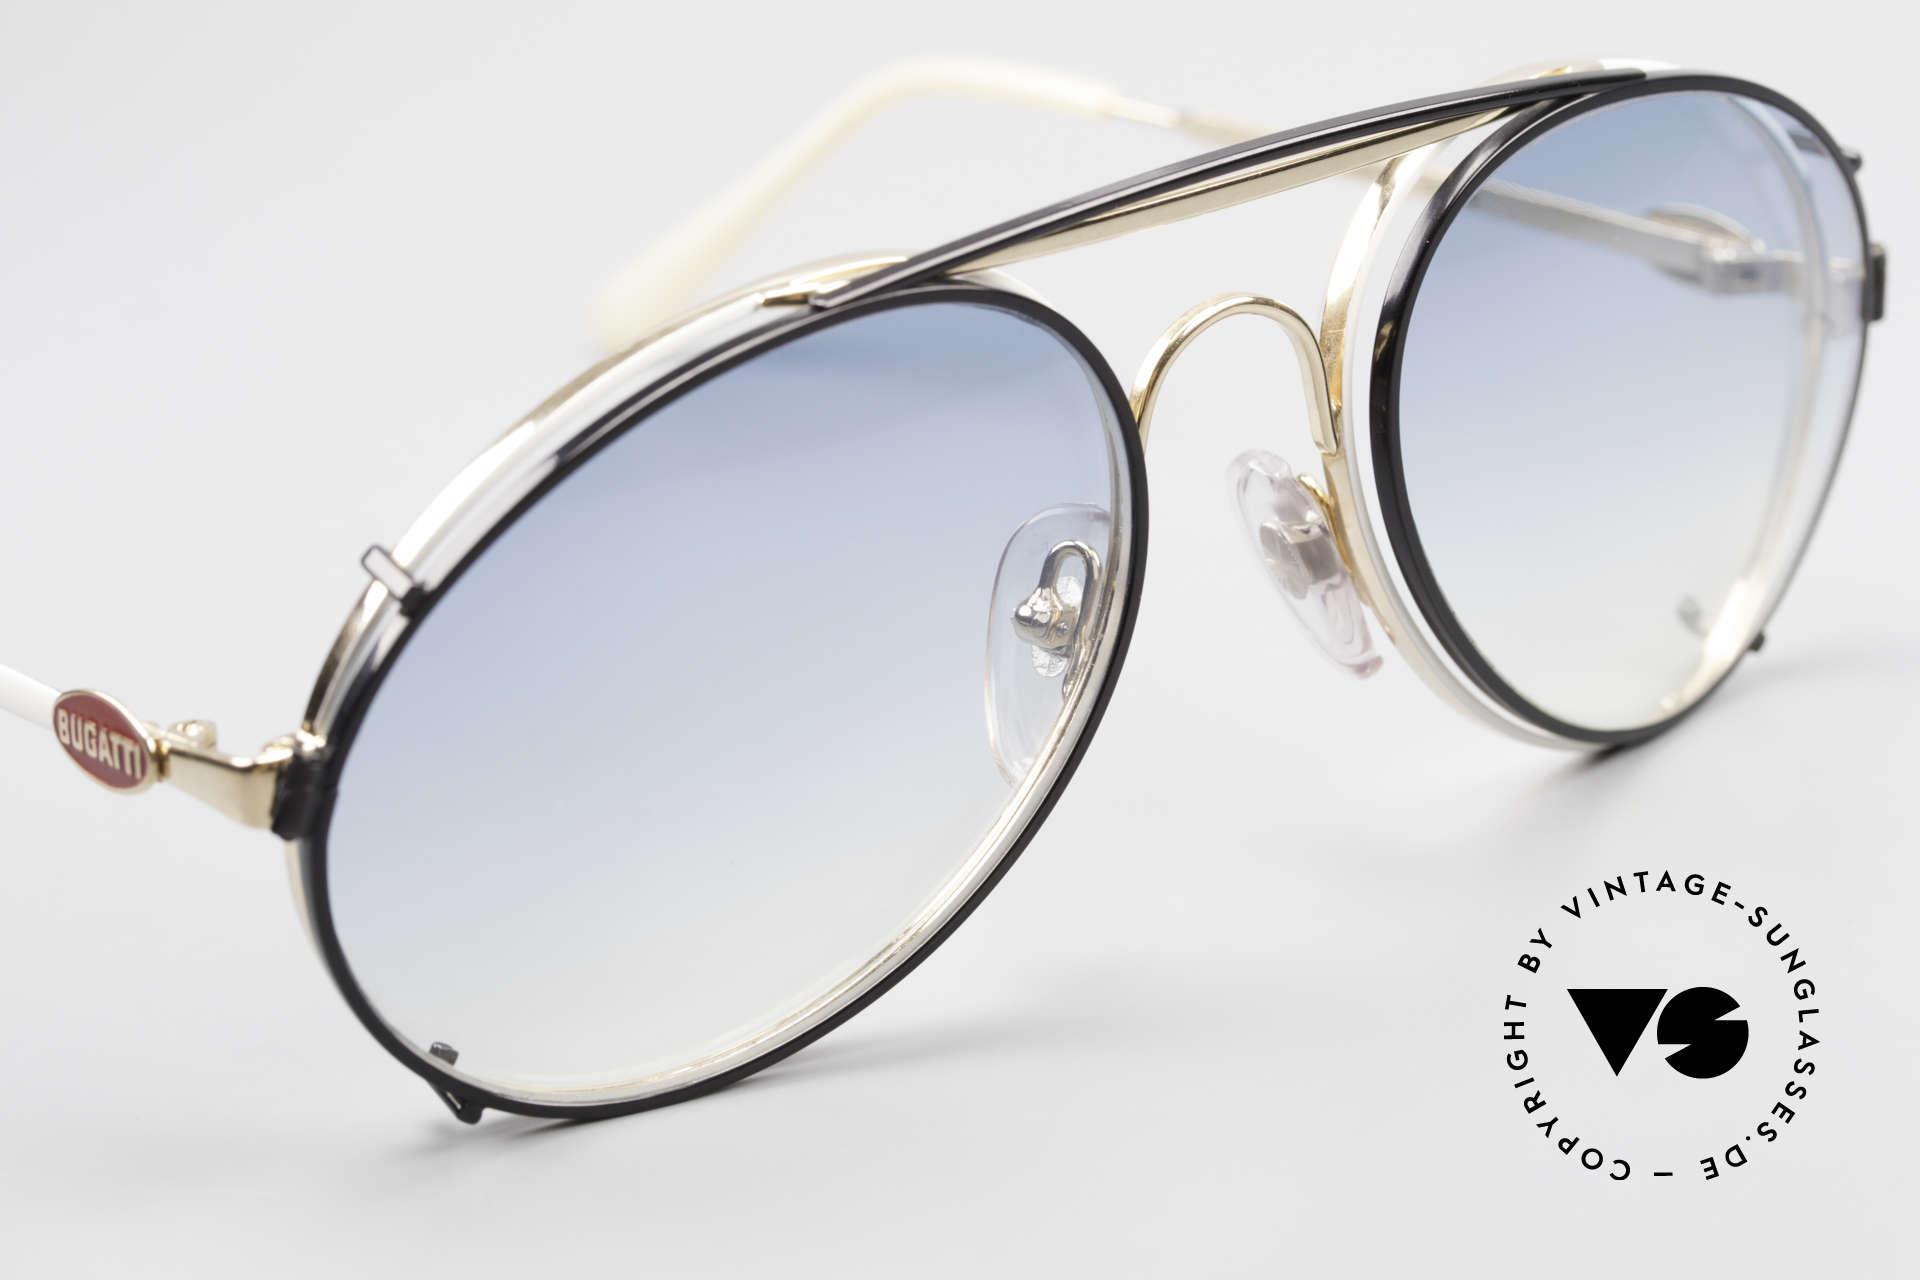 Bugatti 65987 Vintage Brille Mit Sonnenclip, schwarzer SonnenClip mit blau-Verlauf Gläsern, Passend für Herren